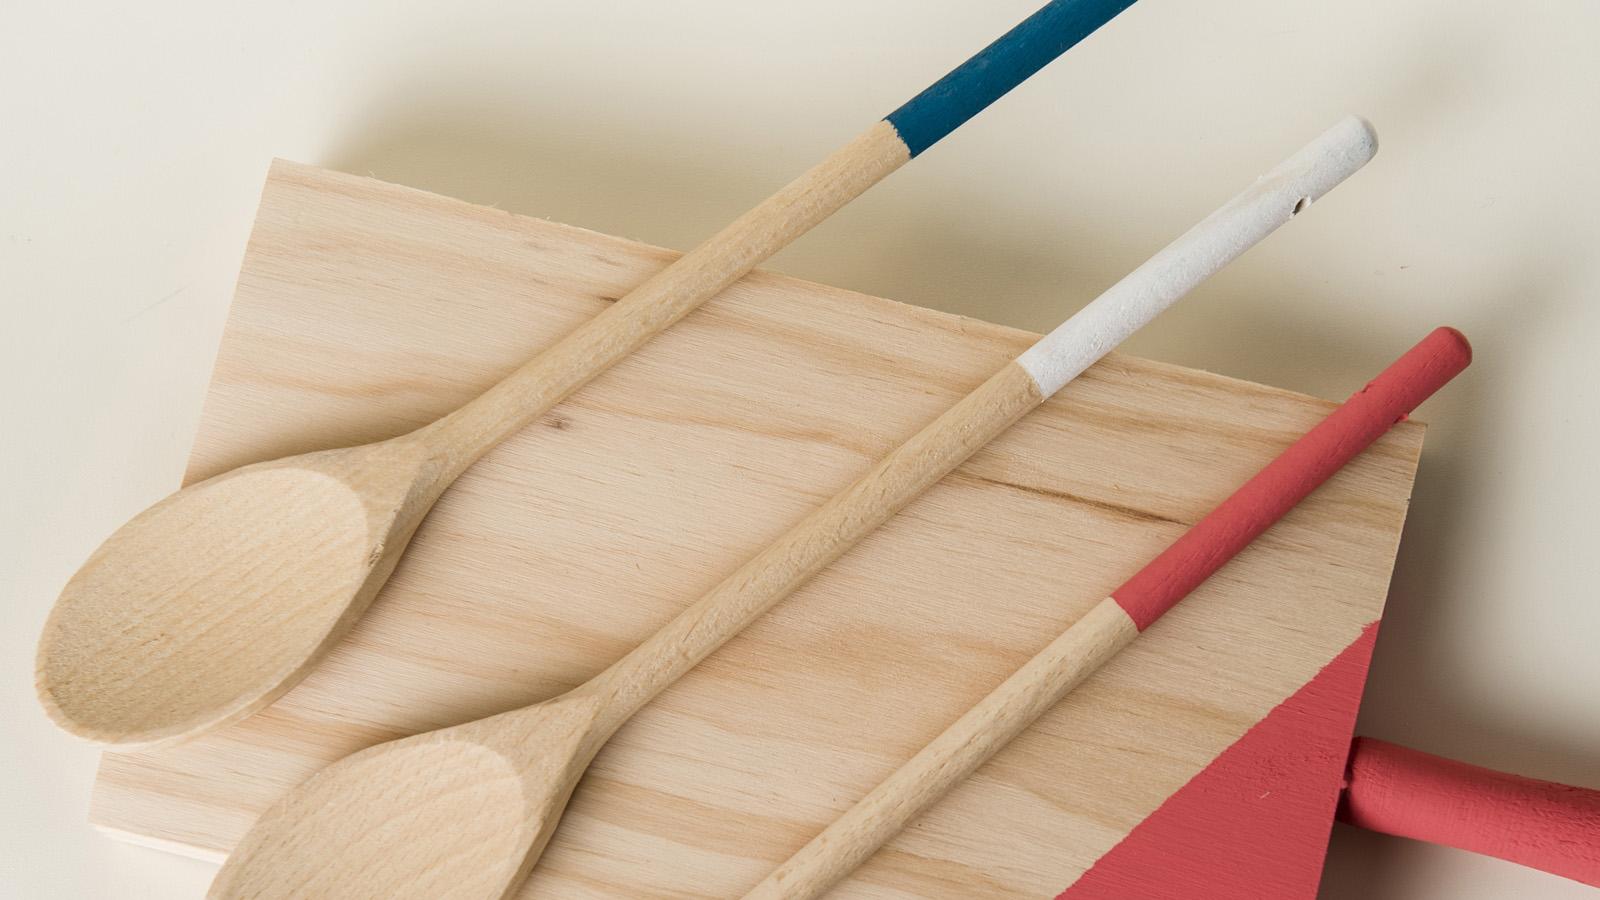 Customiza tu casa Cap 8: Cómo llenar de color unas cucharas de ...